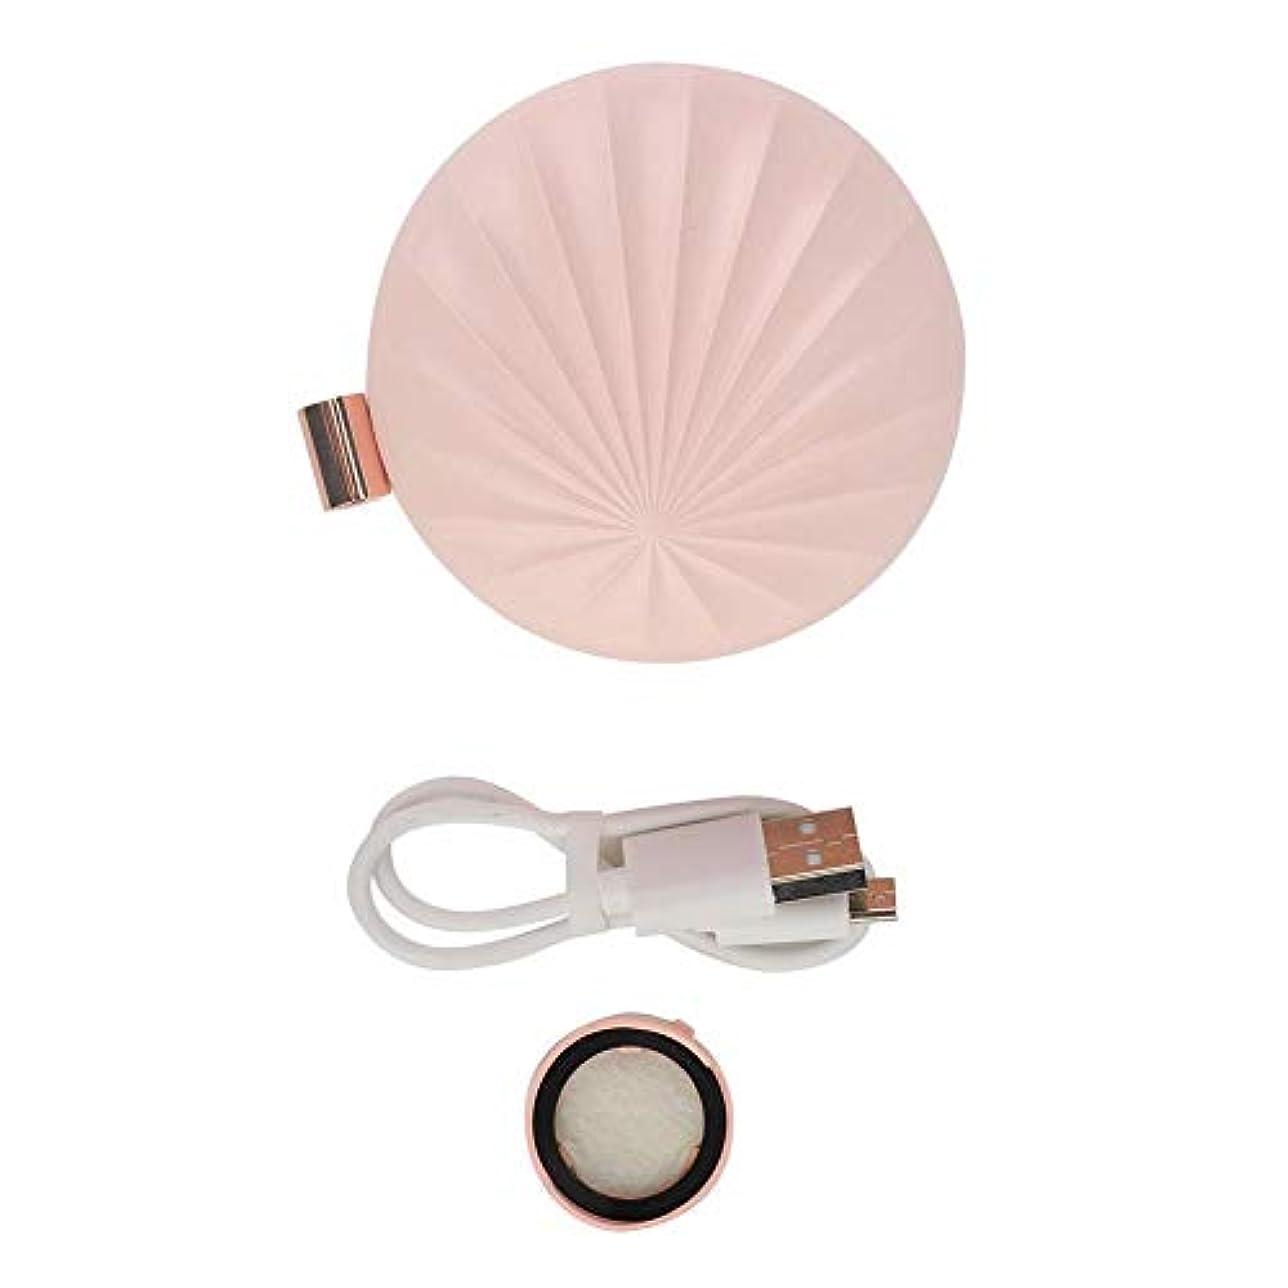 破壊的何か赤ホームディフューザー、ポータブルアロマディフューザーエッセンシャルオイル香水ディフューザーアロマセラピーカーホームオフィス装飾 (ピンク)